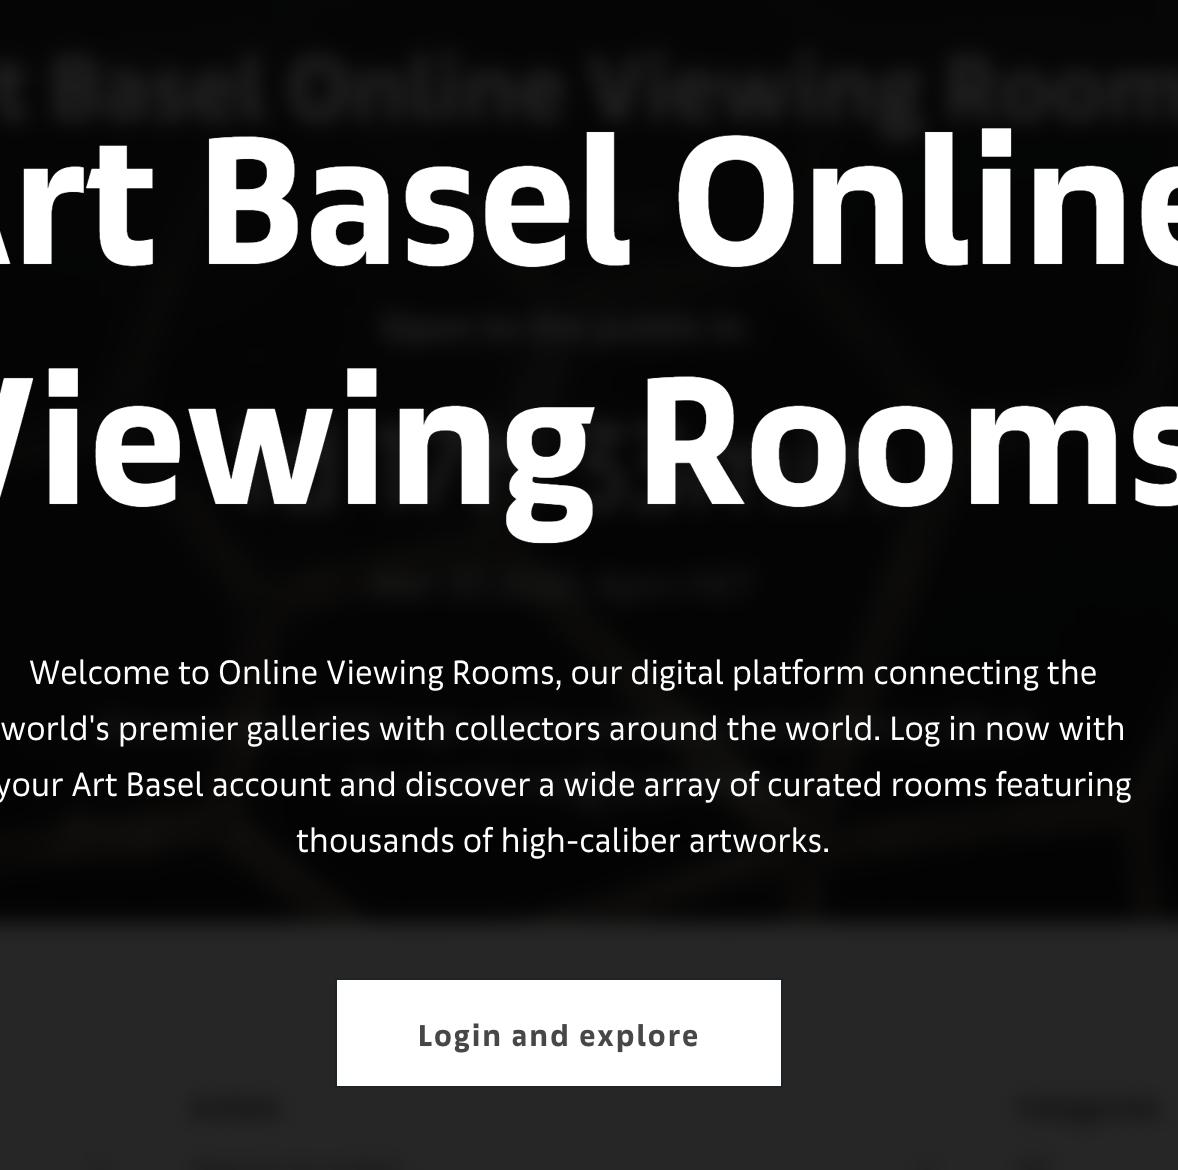 Art Basel Hong Kong Launches Its Online Viewing Rooms Artforum International